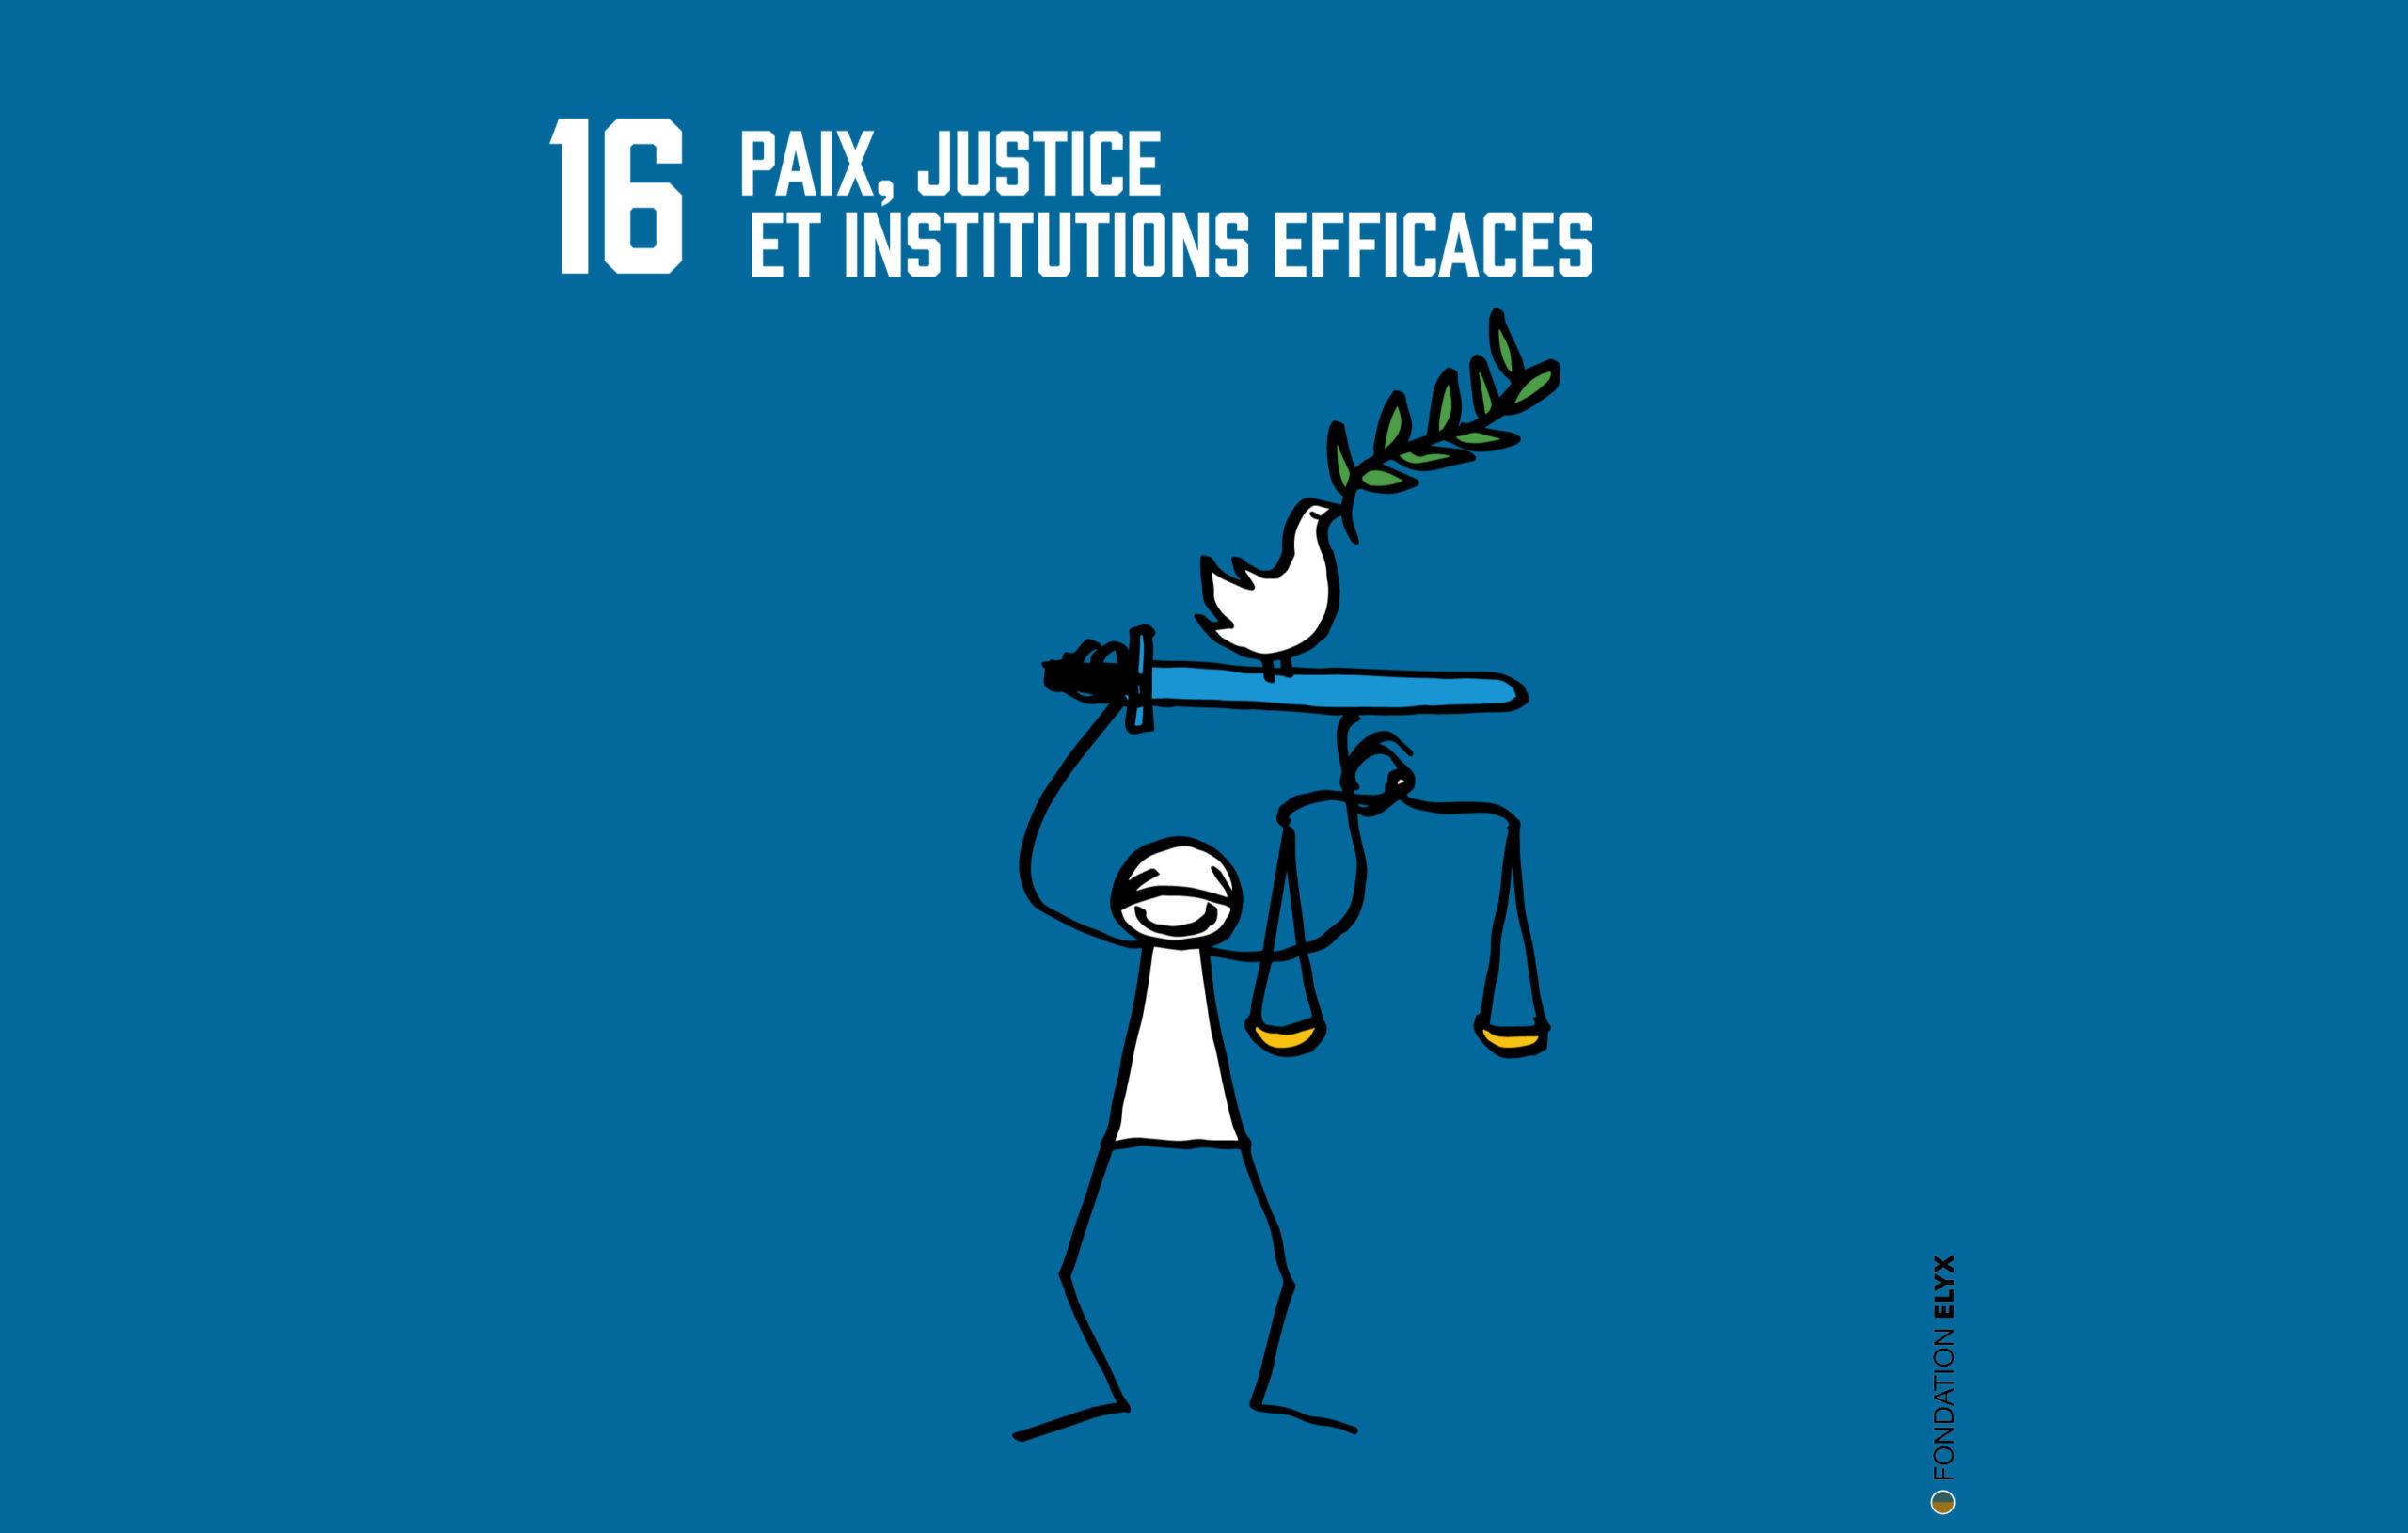 ODD-16_paix_institutions